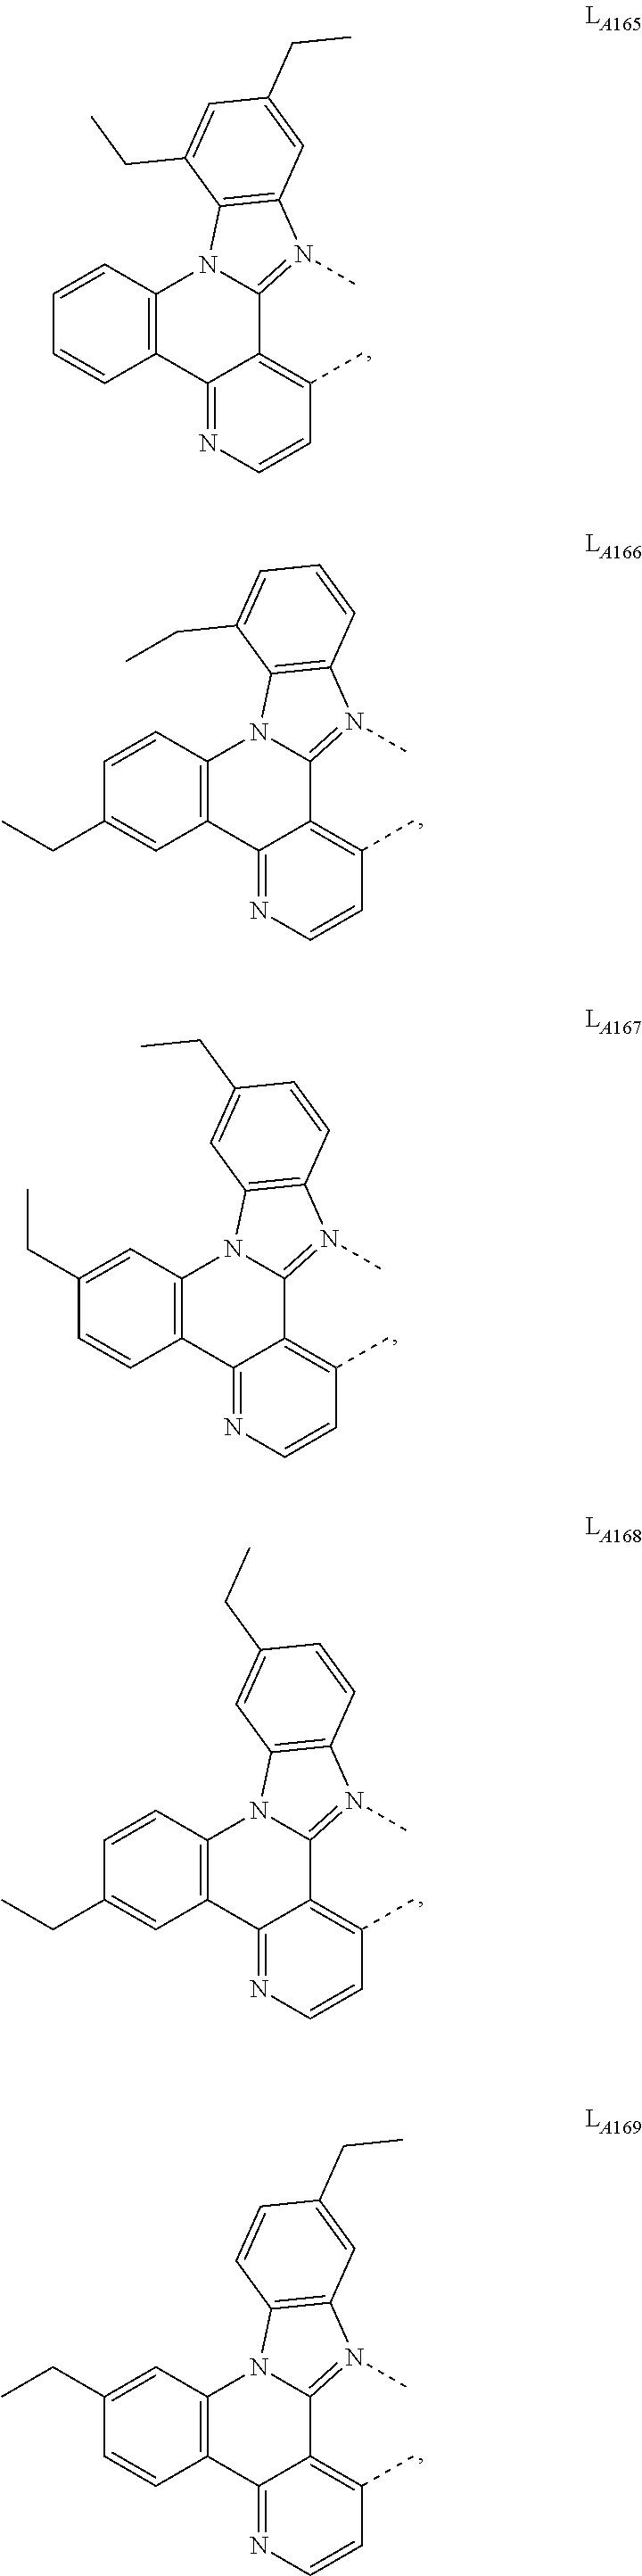 Figure US09905785-20180227-C00063